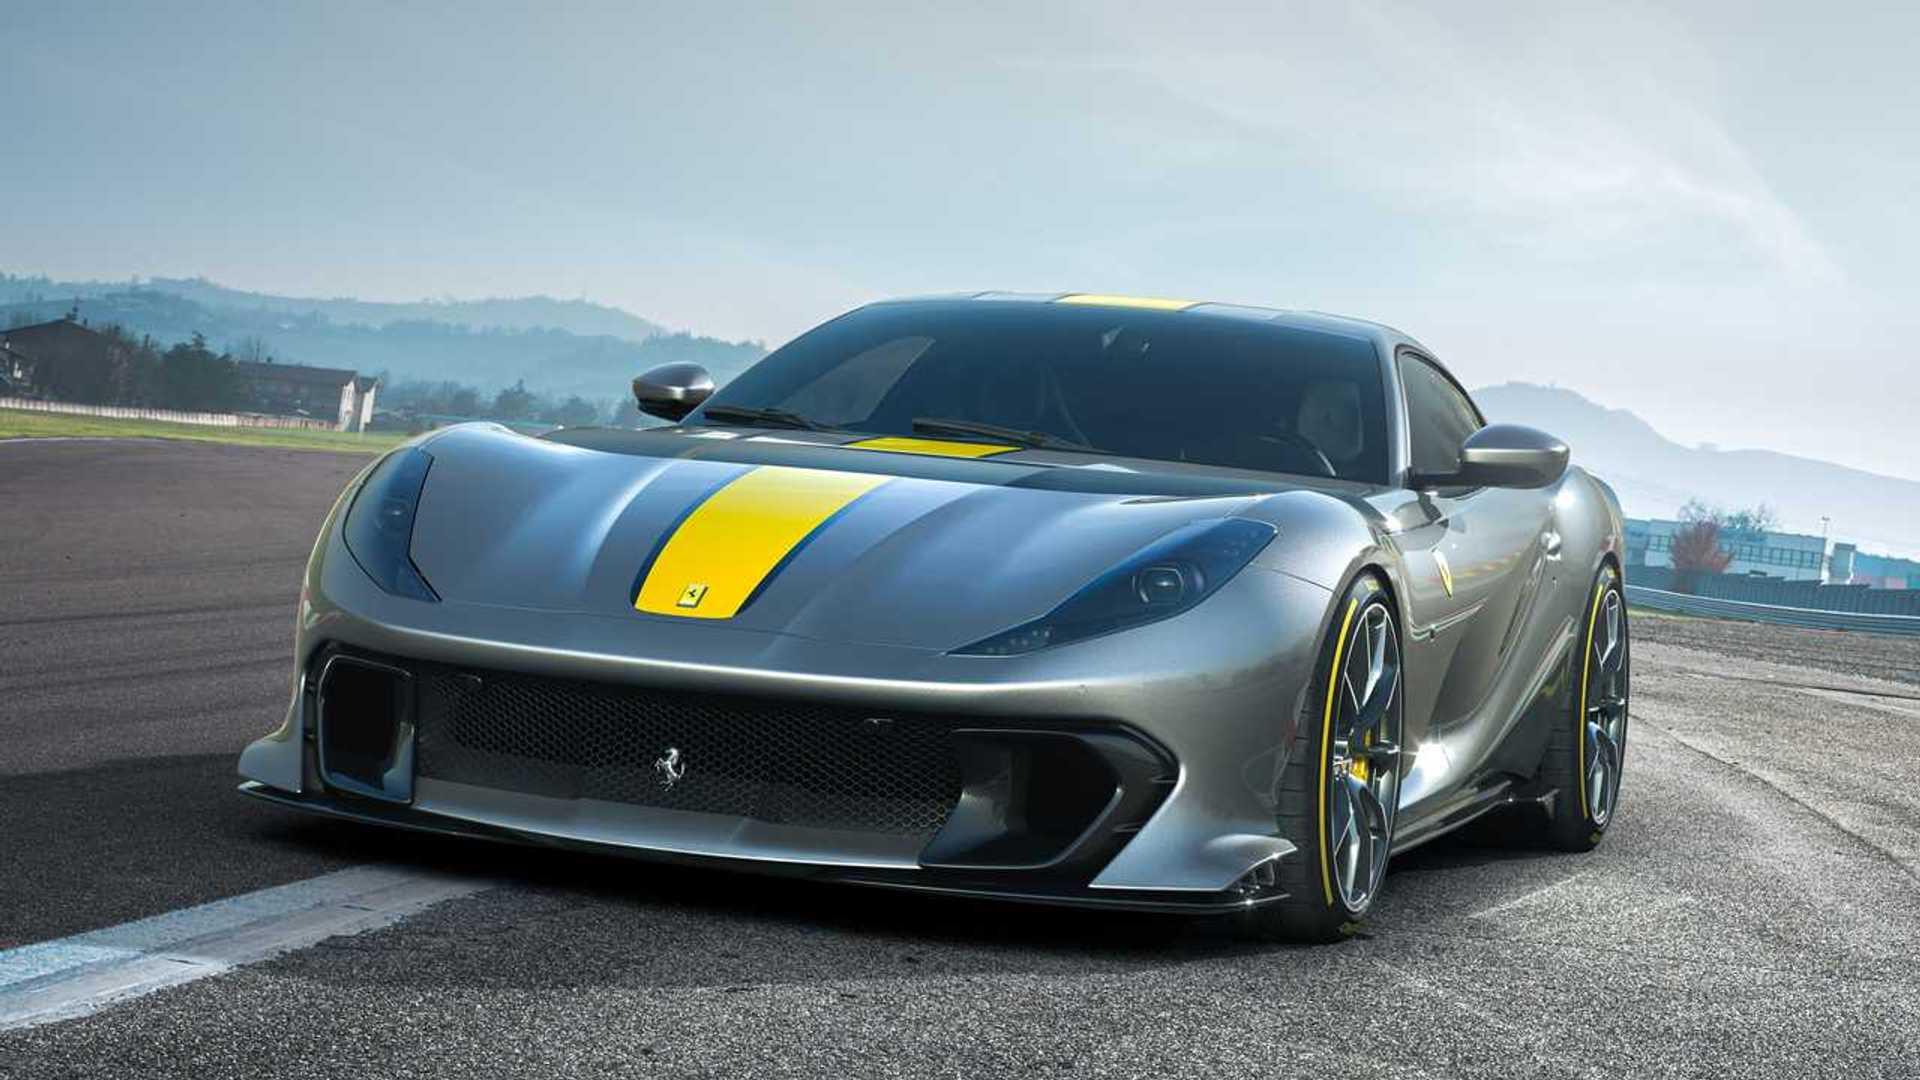 Ferrari 812 Competizione A Revealed: V12 Targa With 830 HP